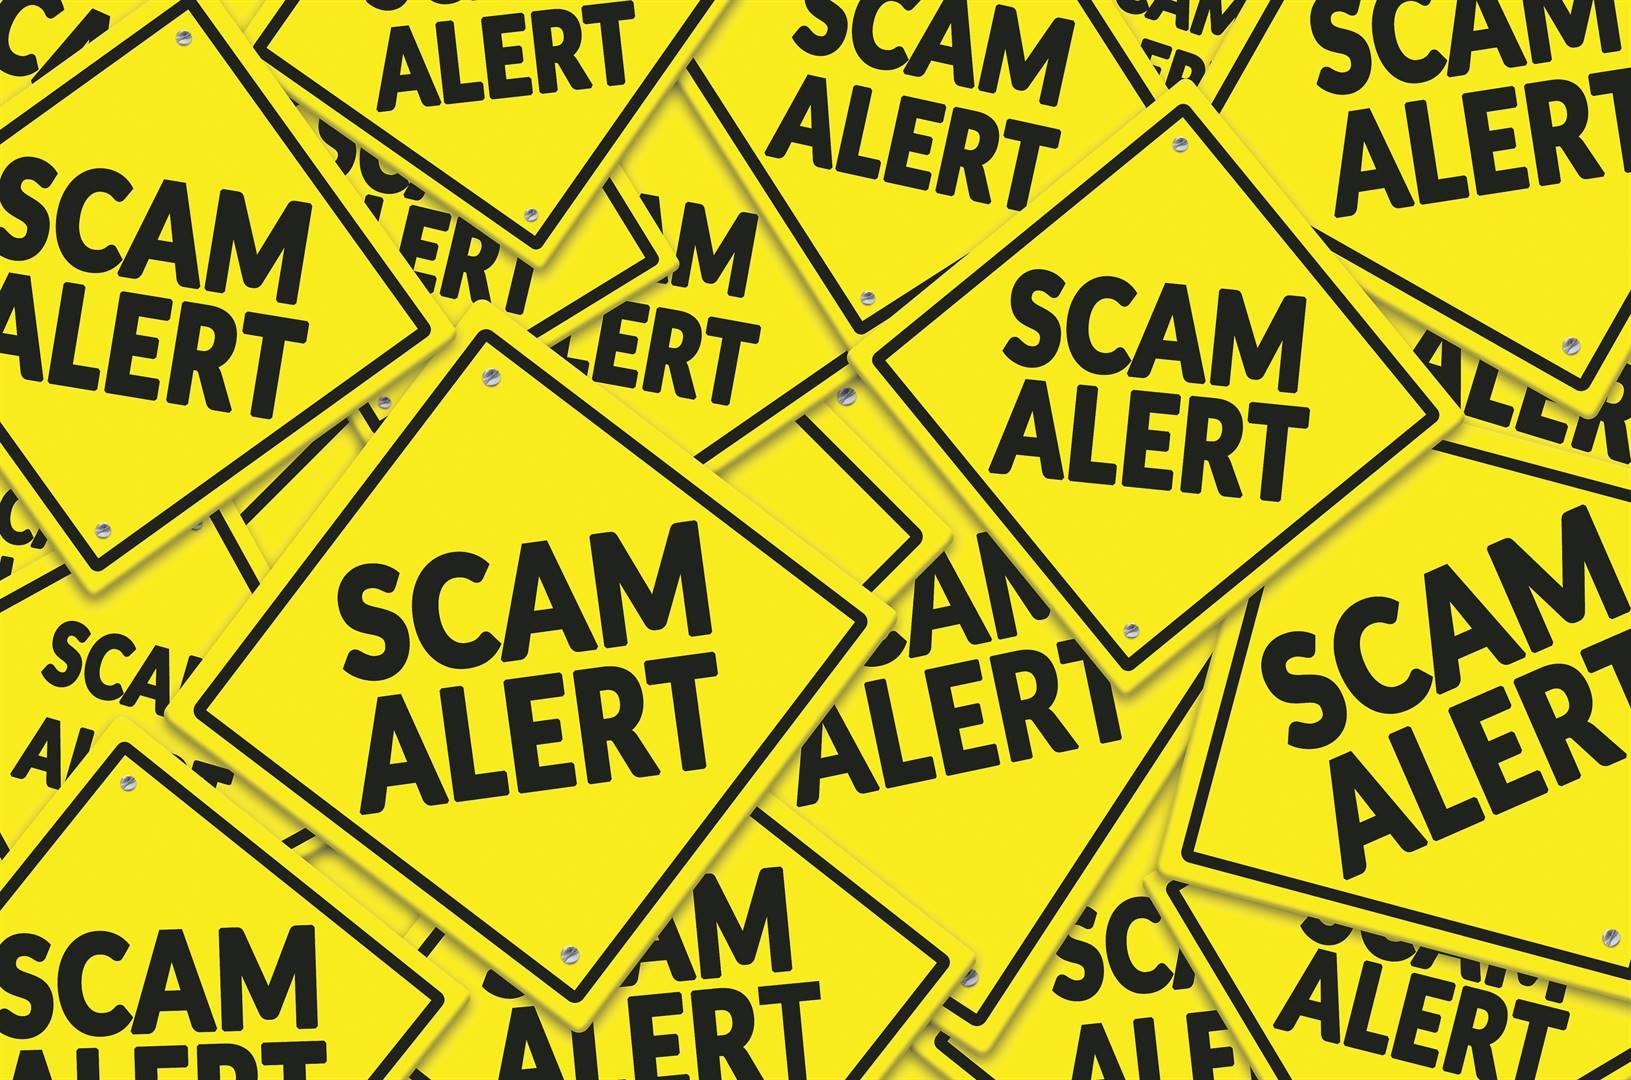 An increase in scammers targeting people has raised alarm bells